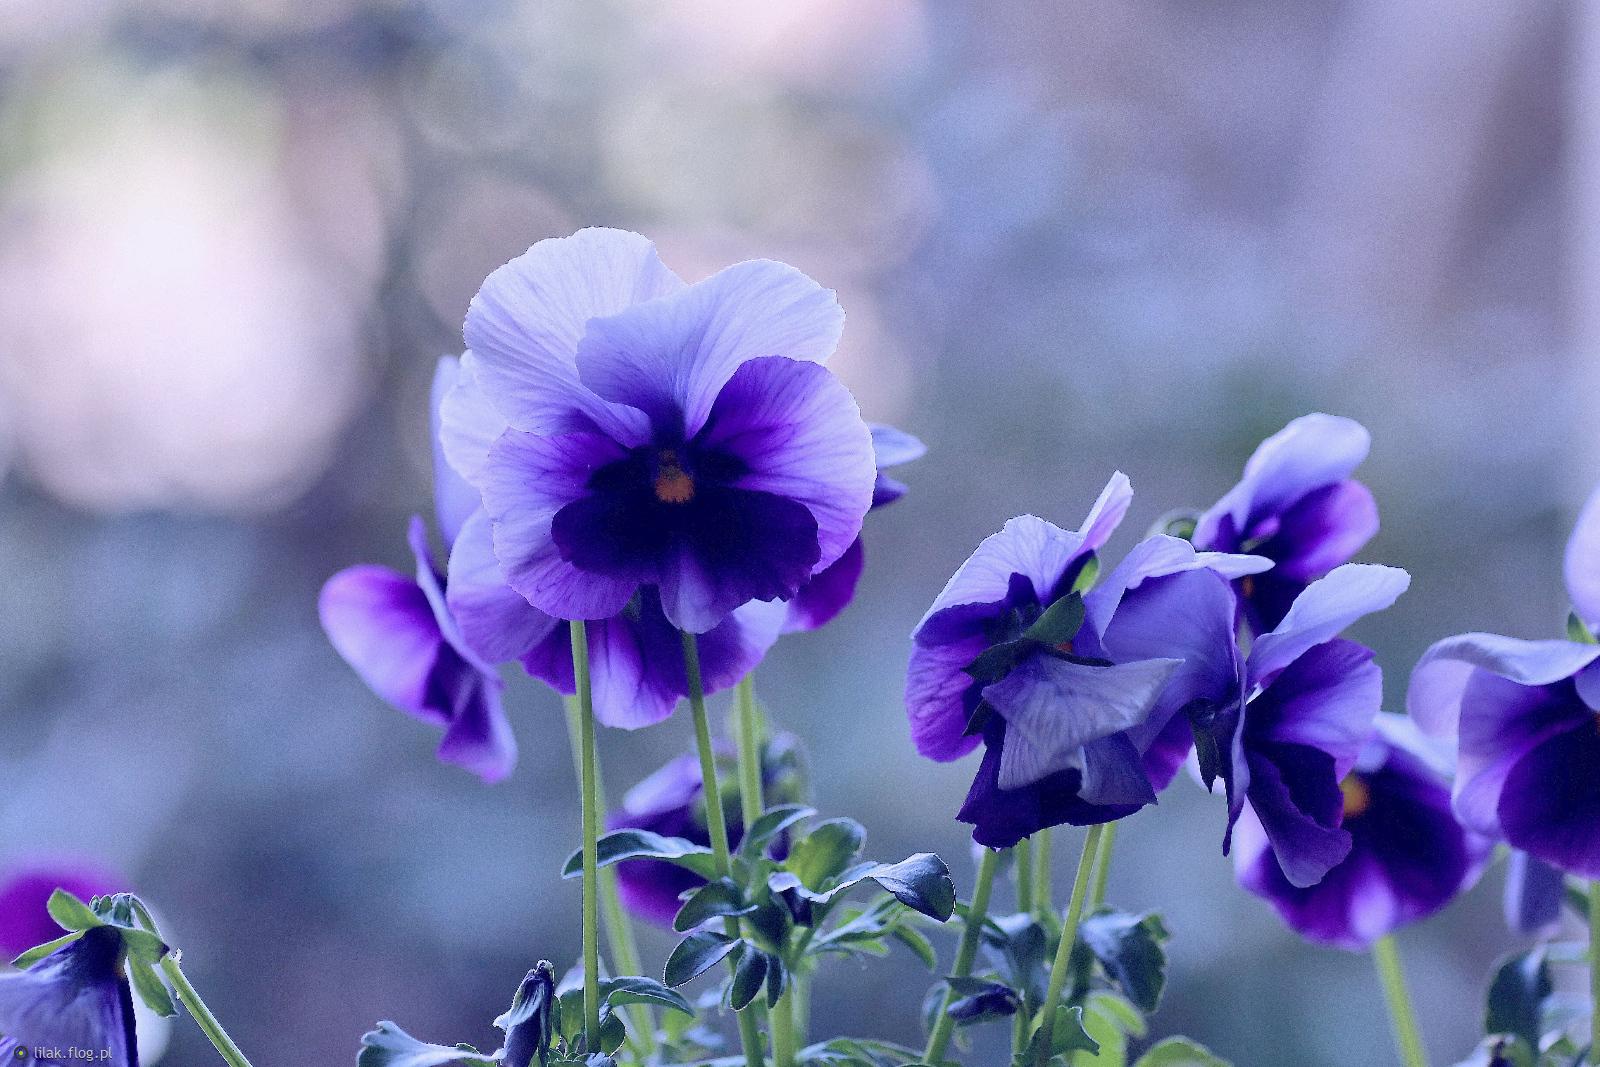 Życzę Wam pięknego, słonecznego tygodnia,,,, Pozdrawiam serdecznie,,